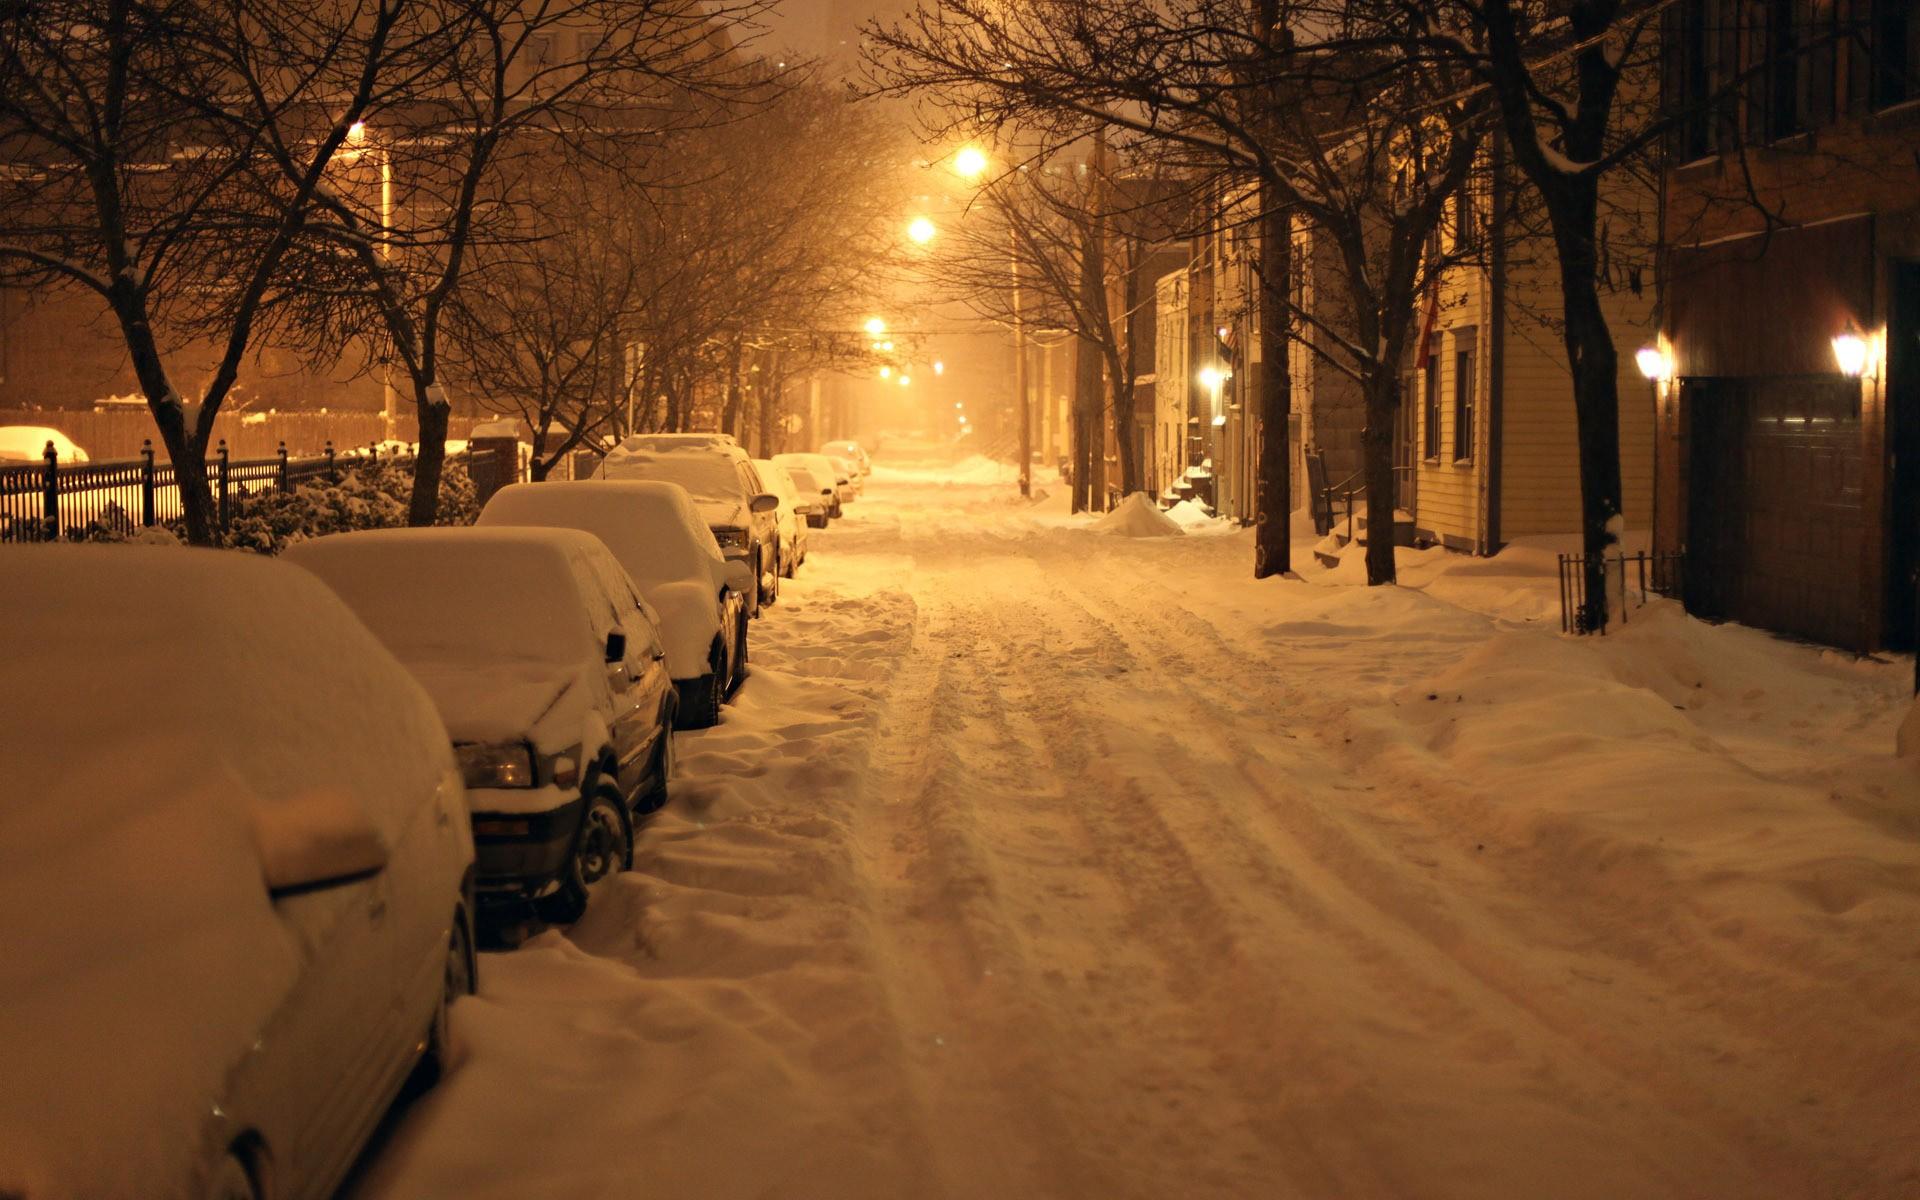 дорога зима вечер снег  № 3902540 загрузить